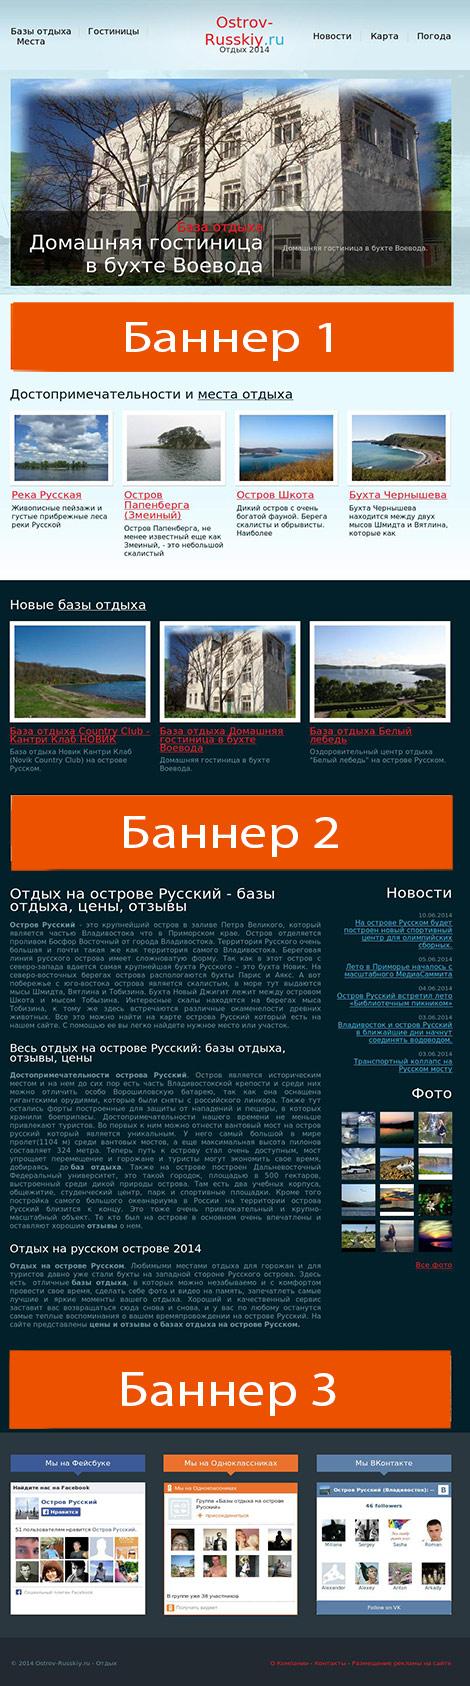 схема размещения рекламы на сайте www.ostrov-russkiy.ru  height=